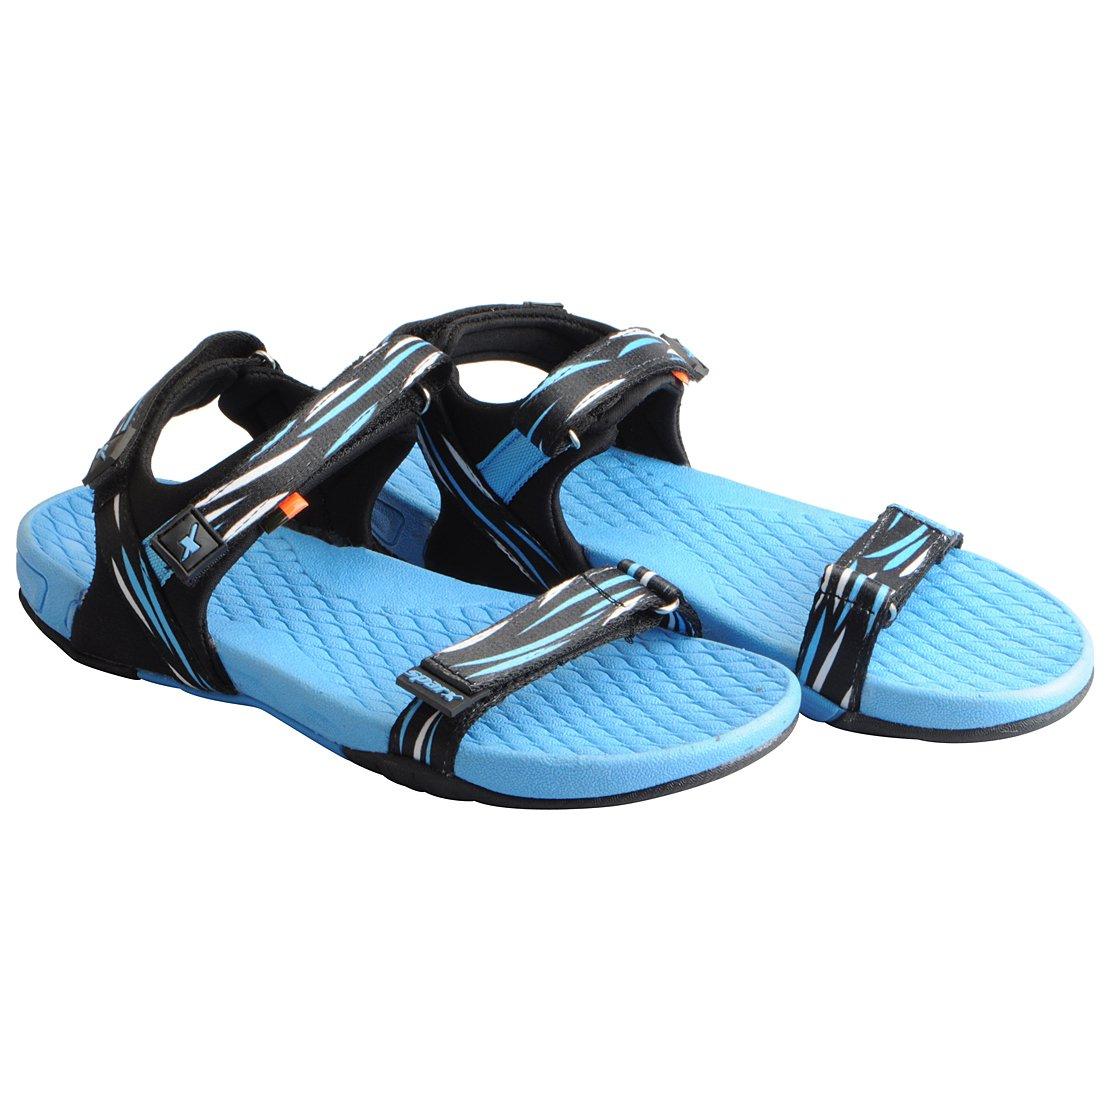 Sparx Women's Sandals